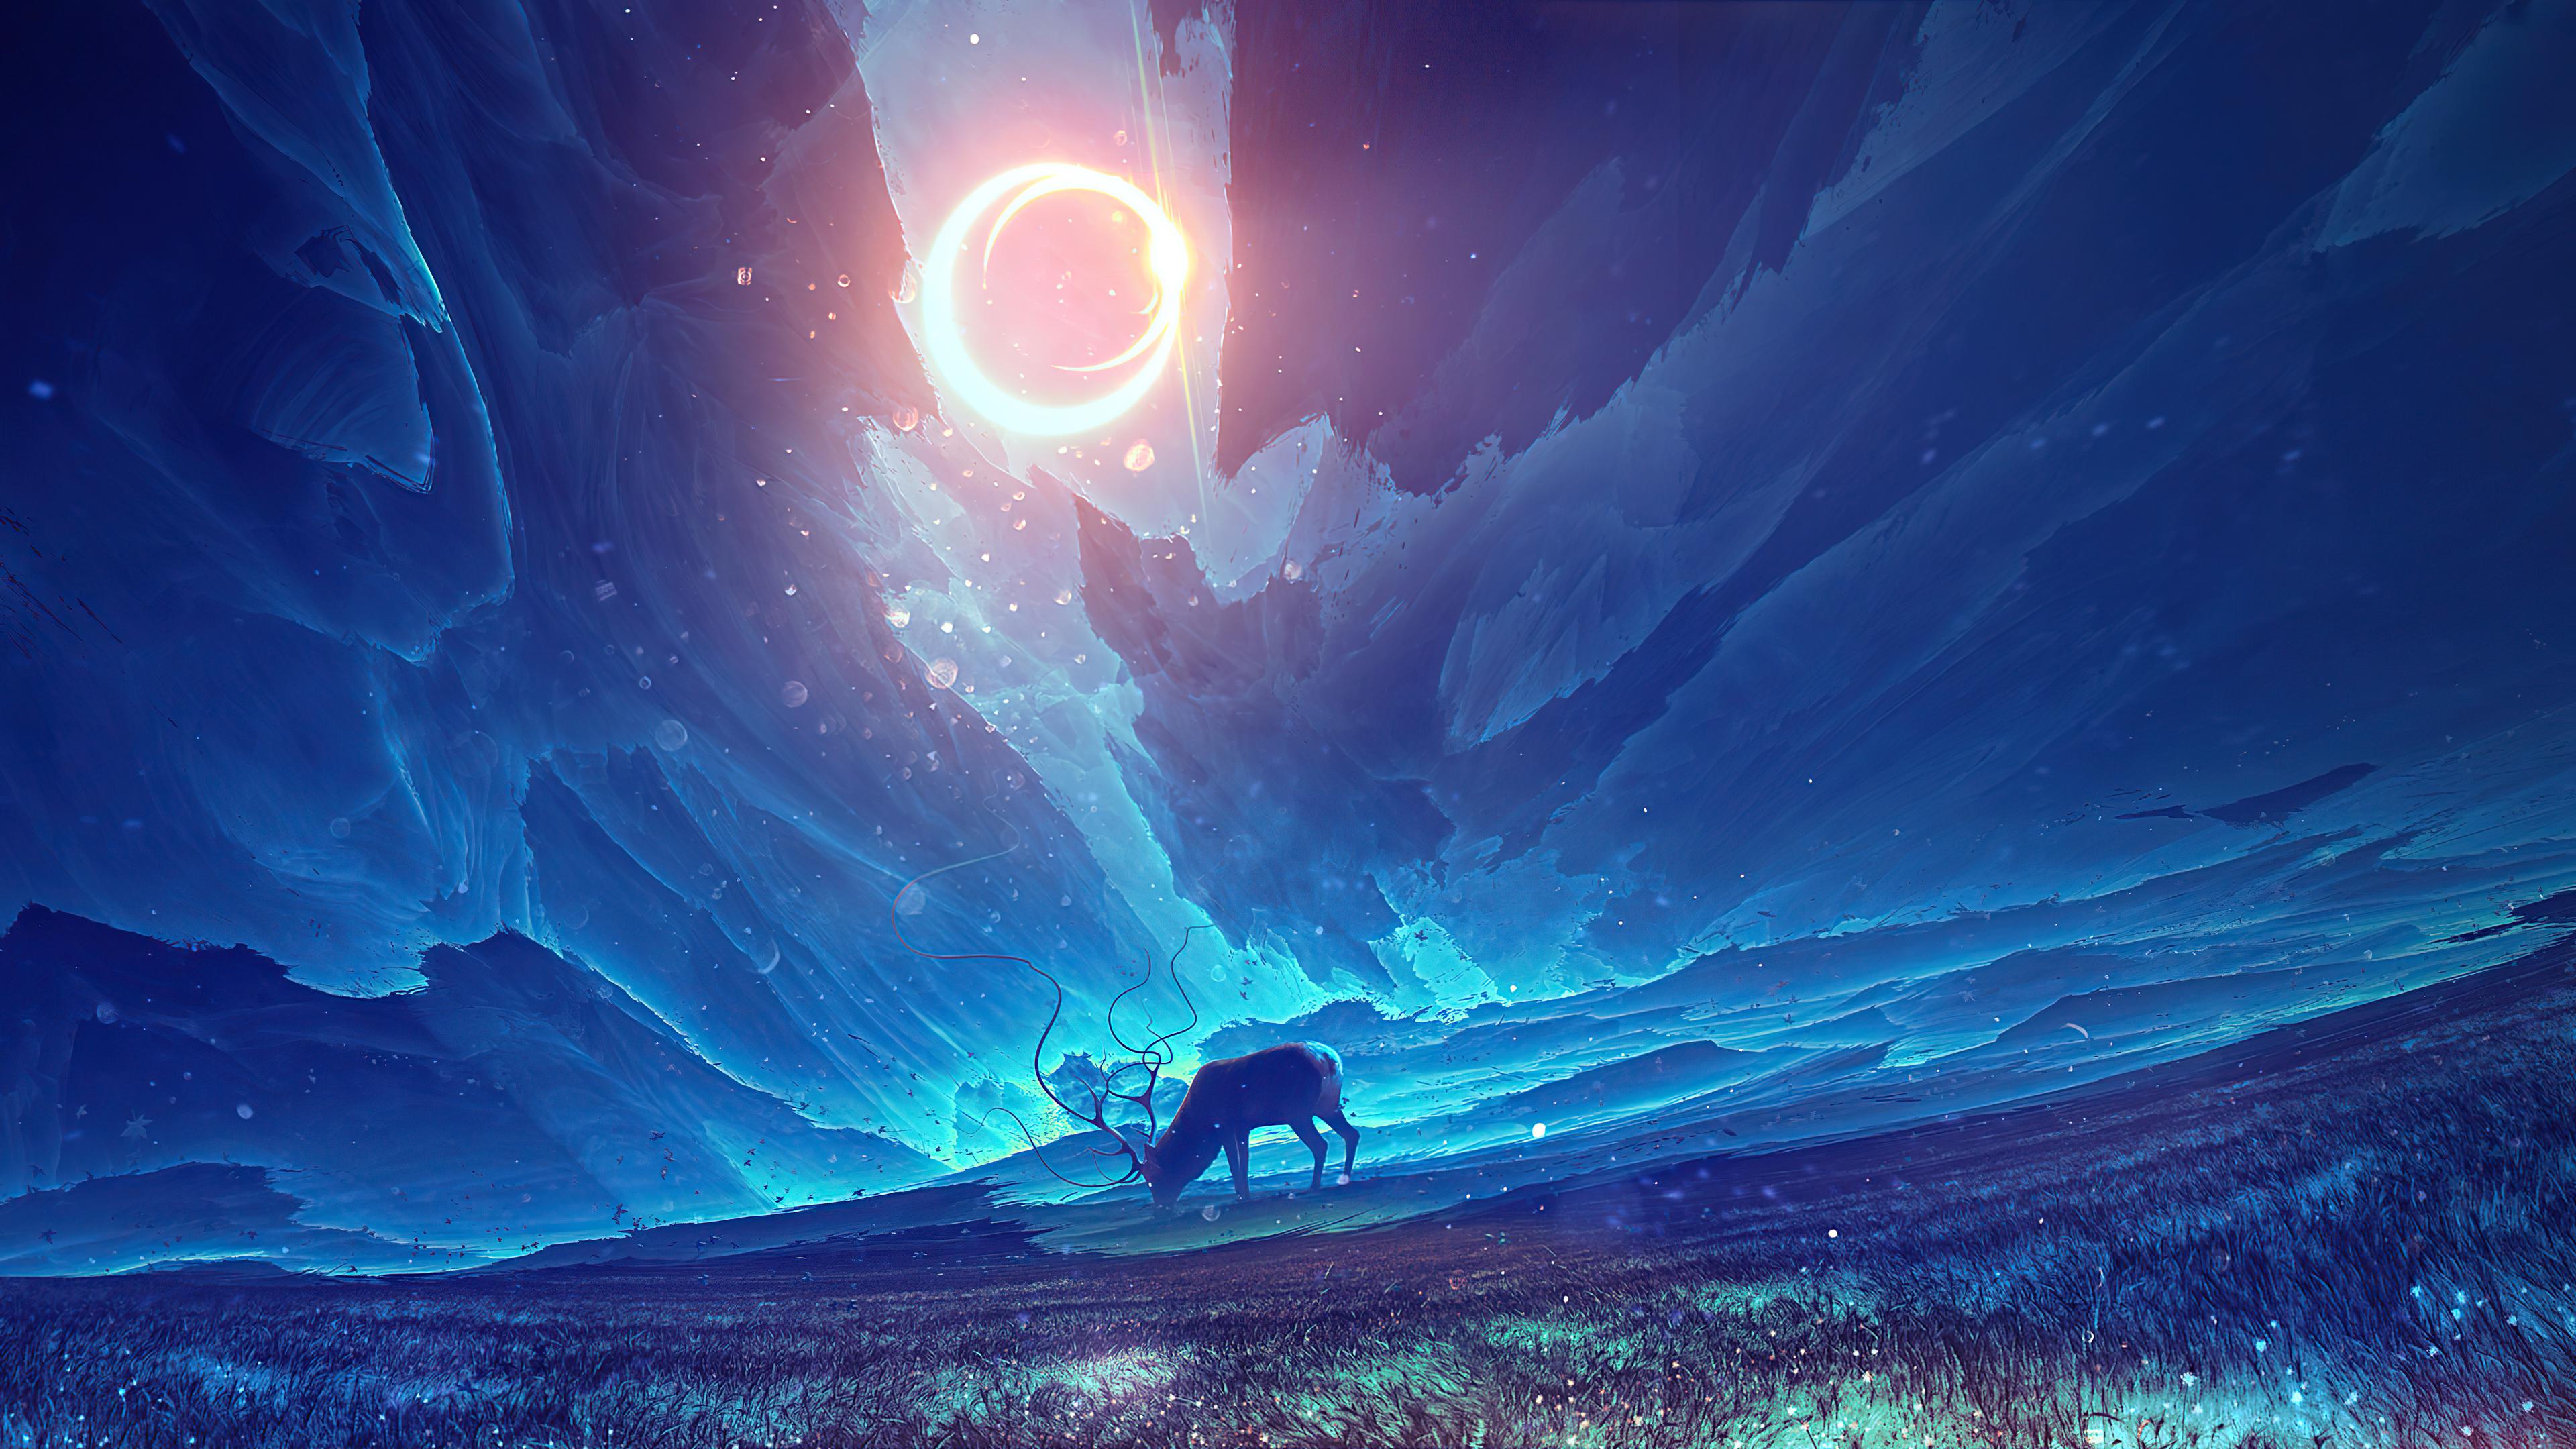 reindeer traveling the galaxy 4k 1620166298 - Reindeer Traveling The Galaxy 4k - Reindeer Traveling The Galaxy 4k wallpapers